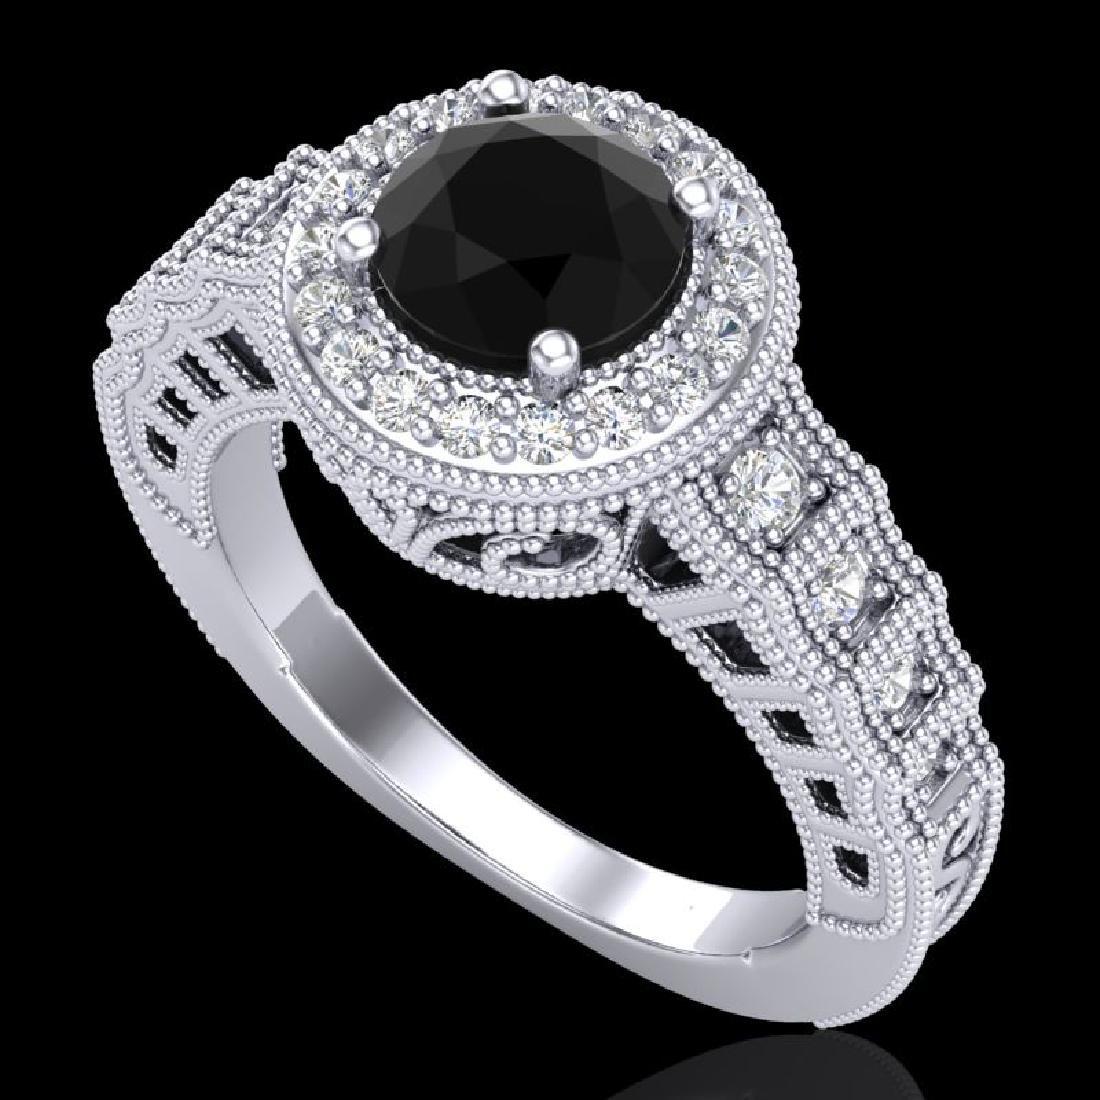 1.53 CTW Fancy Black Diamond Solitaire Engagement Art